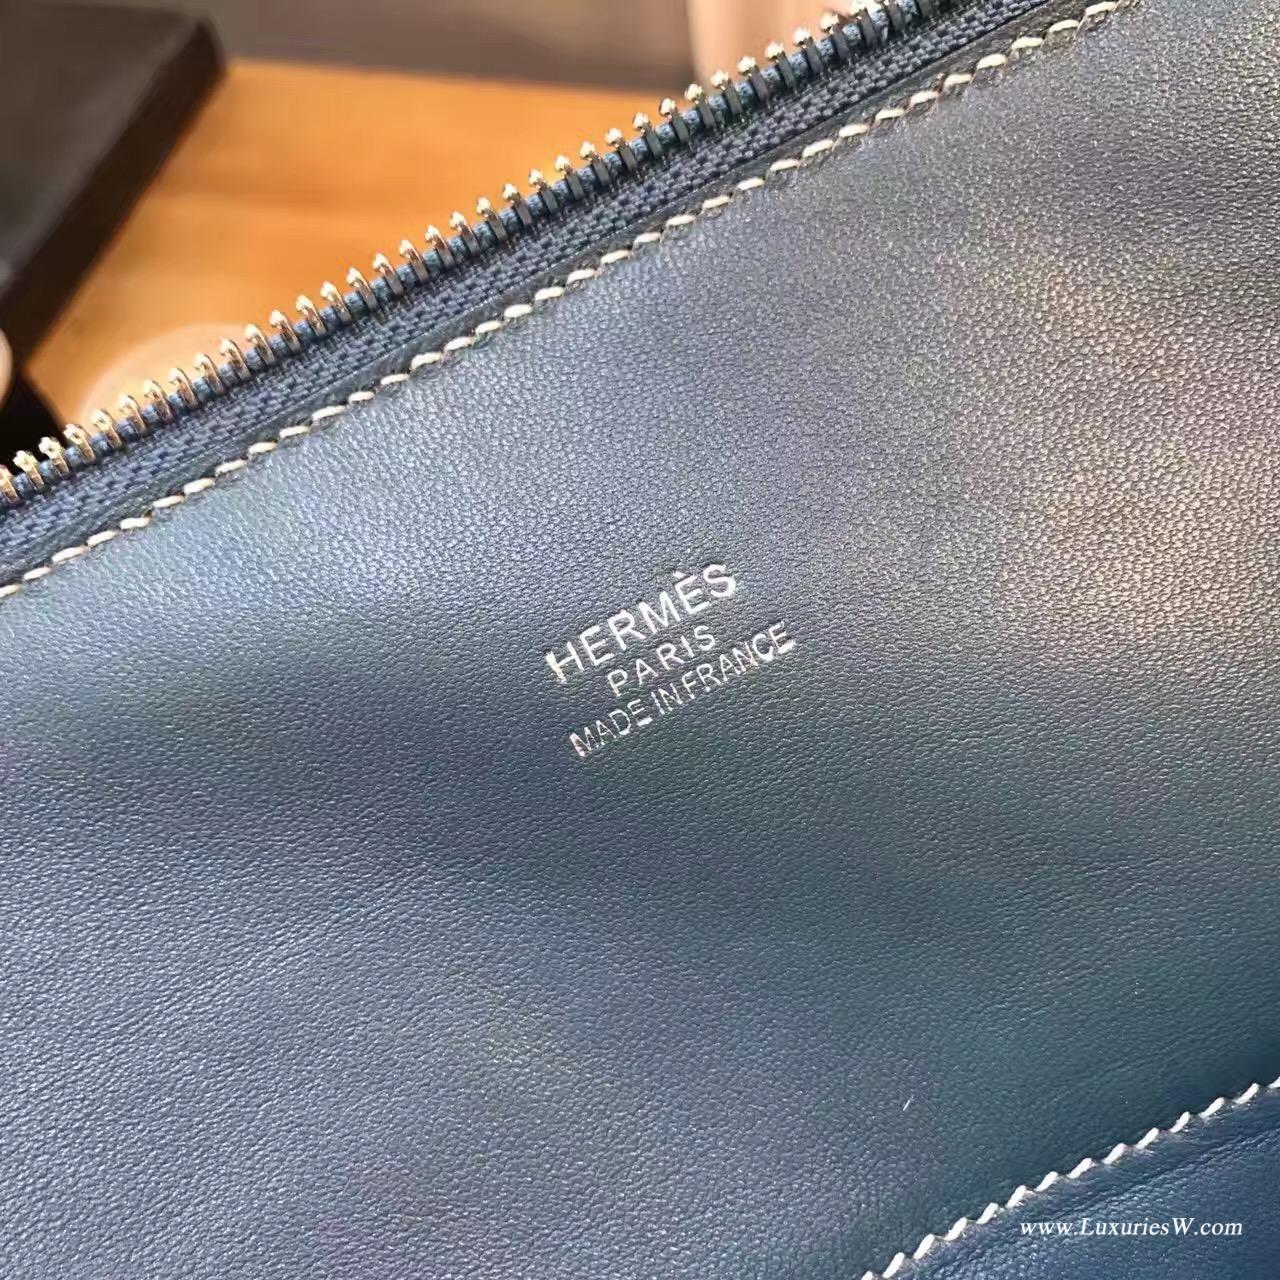 爱马仕最典雅的包袋保龄球包(Bolide)价格尺寸大全